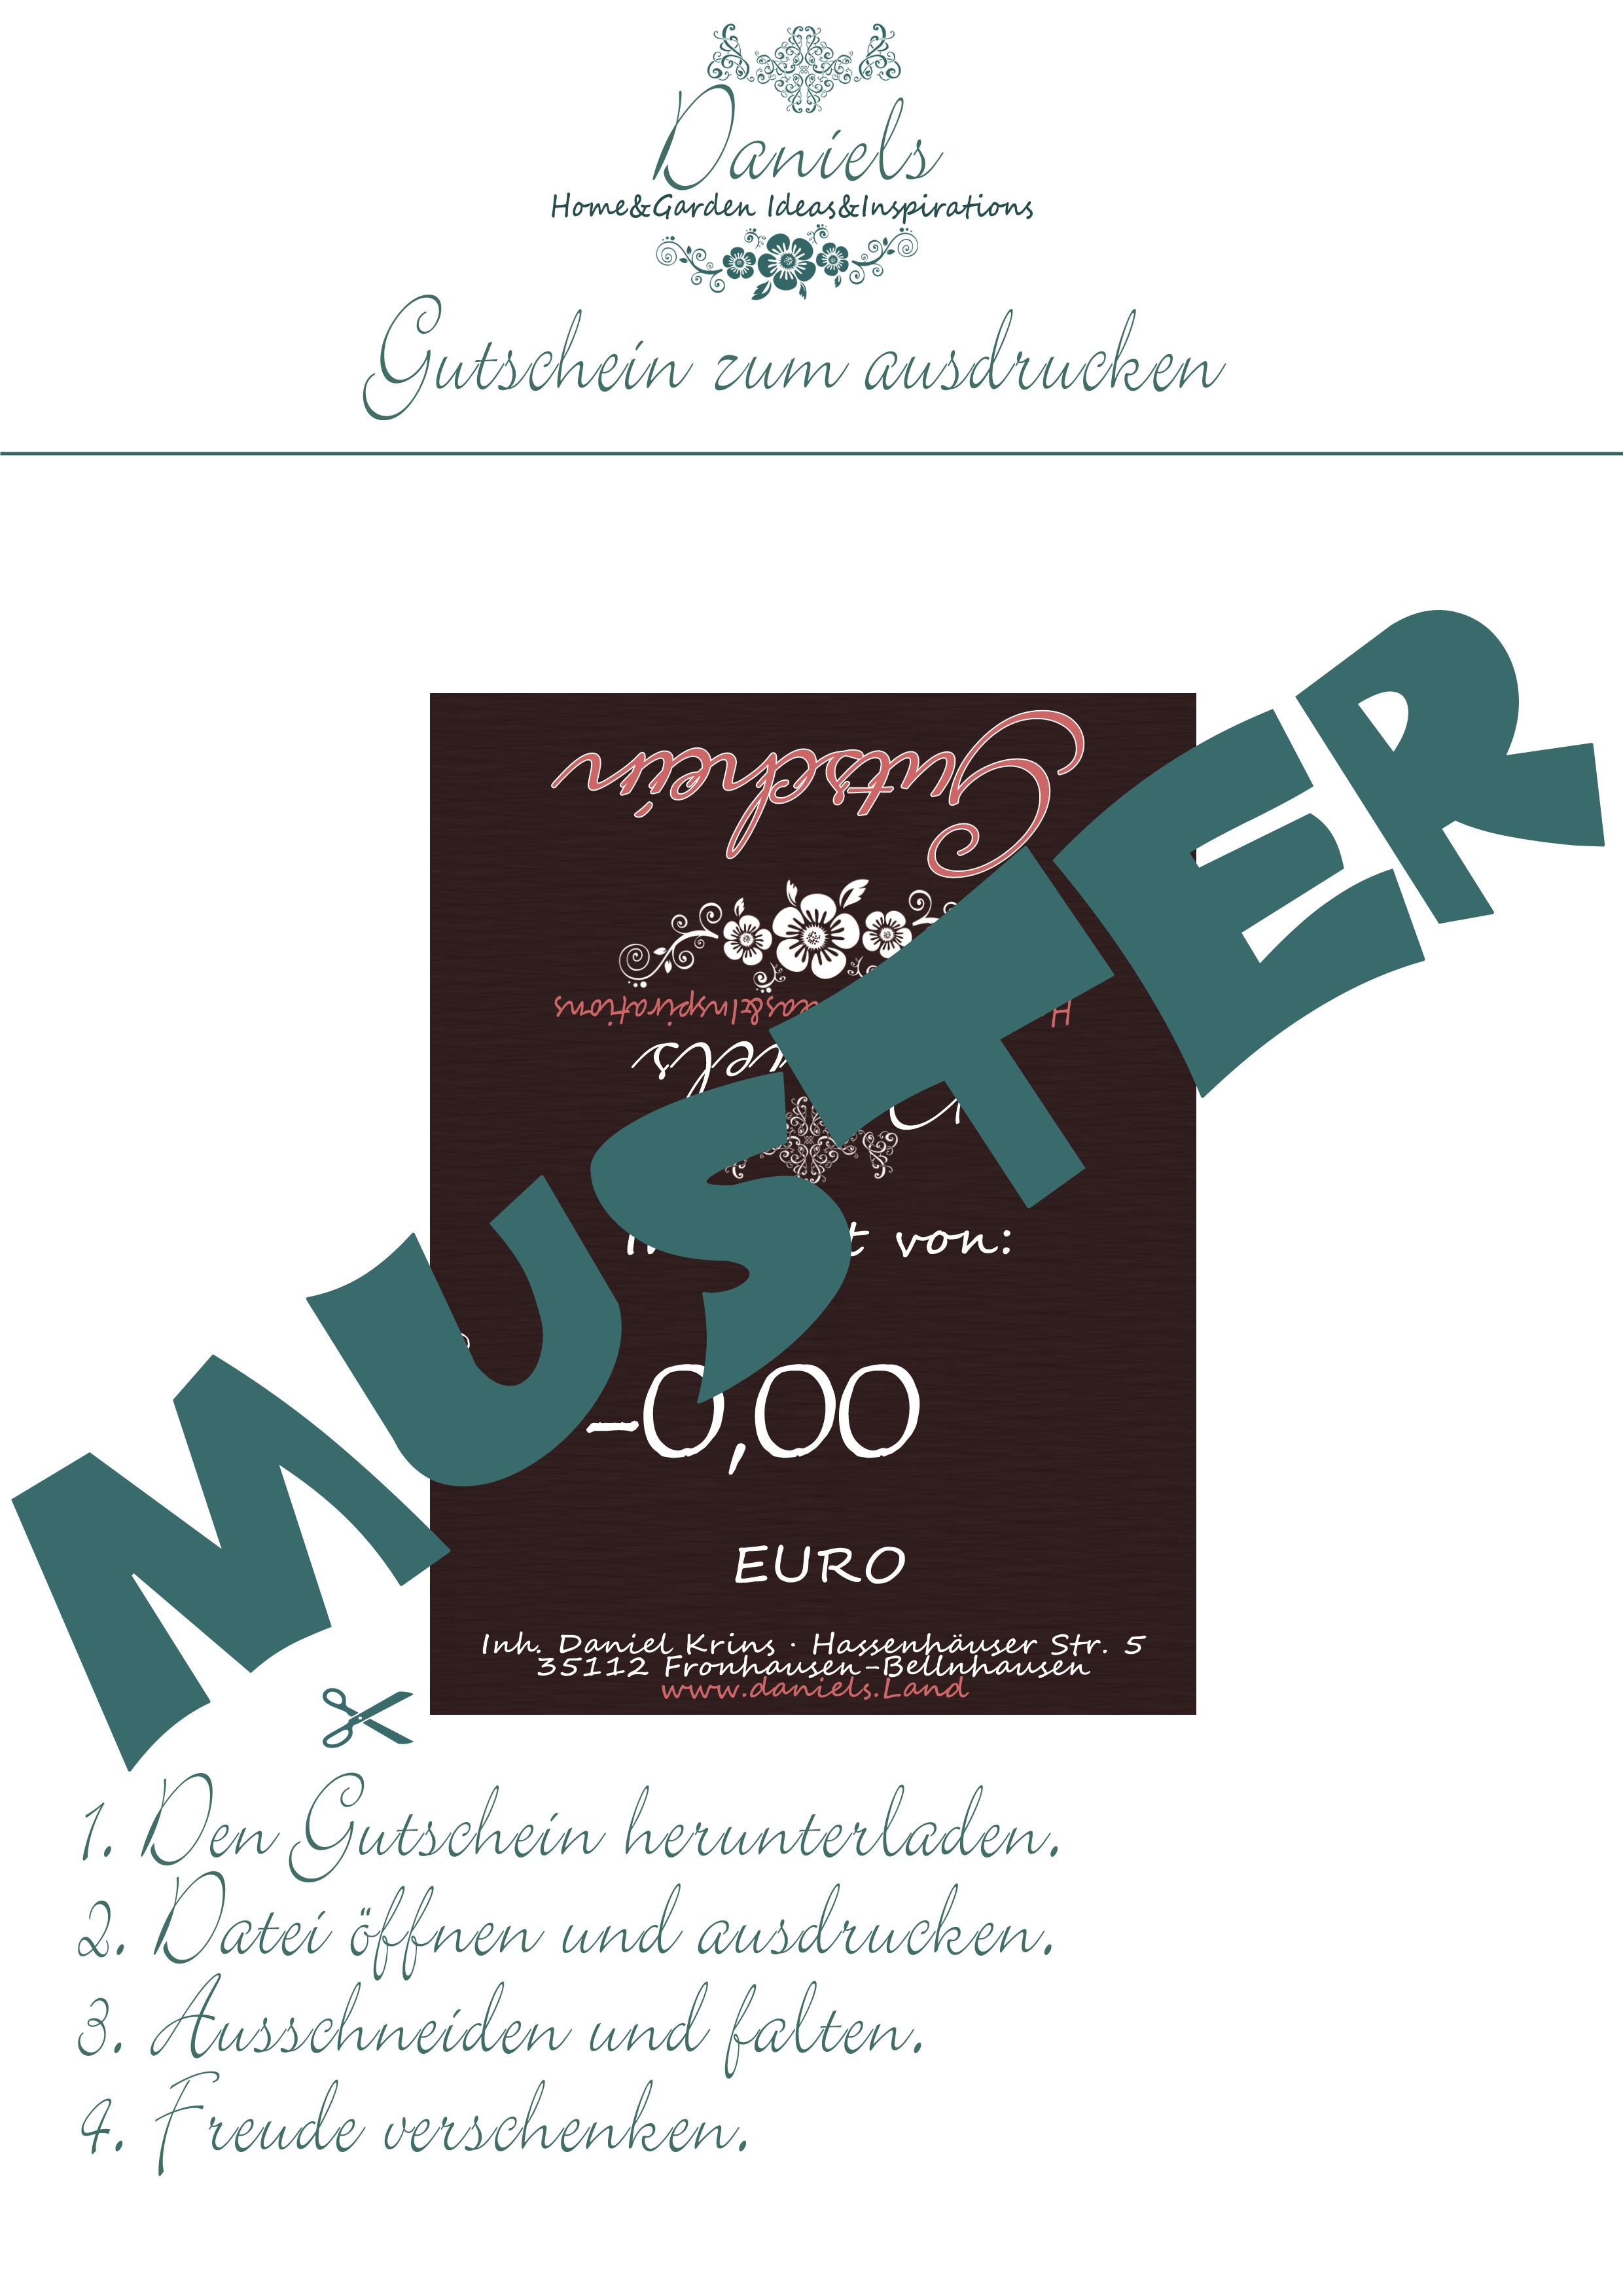 30€ Gutschein zum Ausdrucken